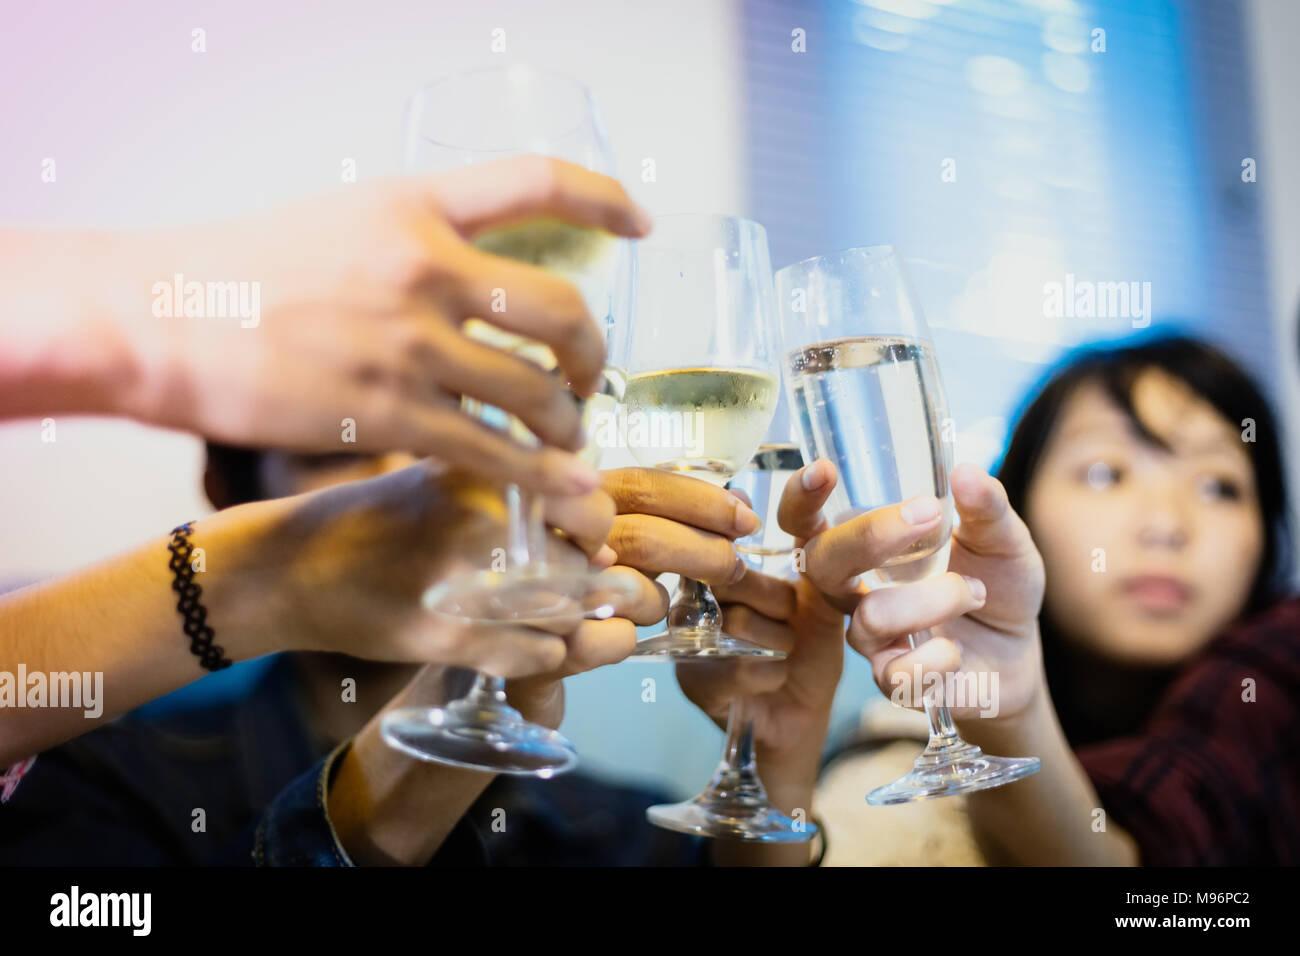 Asiatische Gruppe von Freunden in Partei mit alkoholischen Bier Getränke und jungen Leuten an der Bar toasten Cocktails. Soft Focus genießen Stockbild